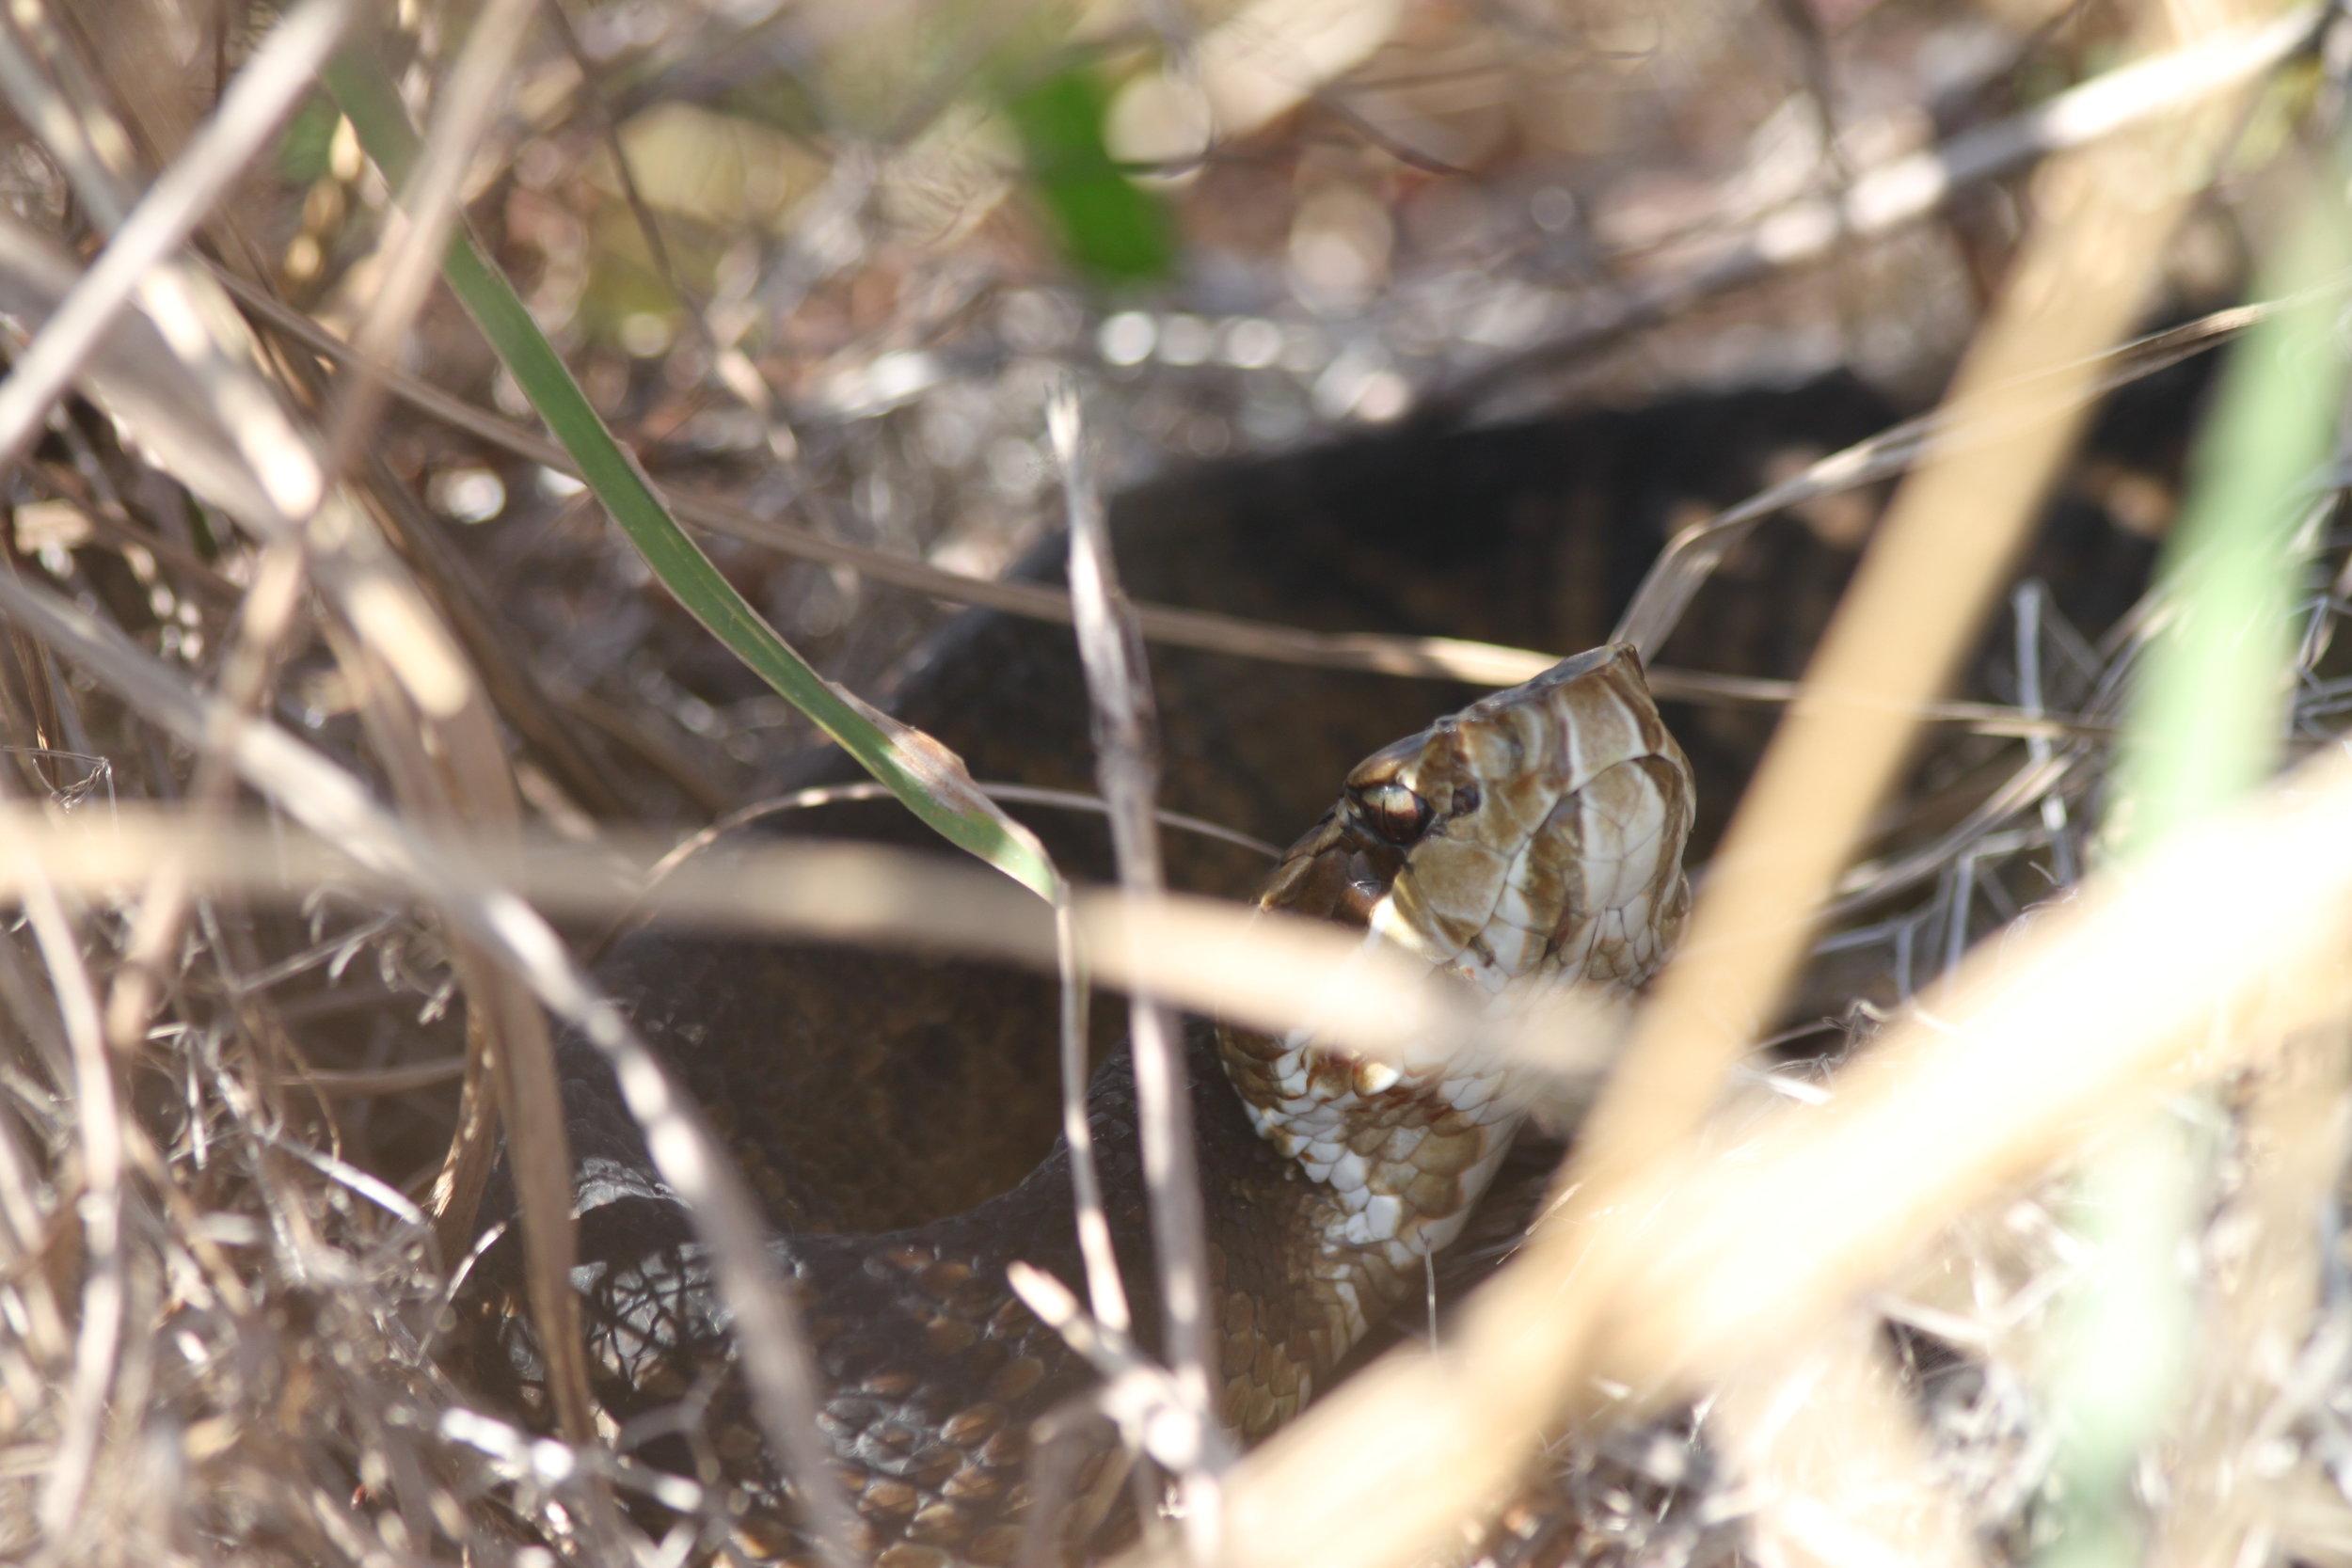 Cottonmouth keeping hidden